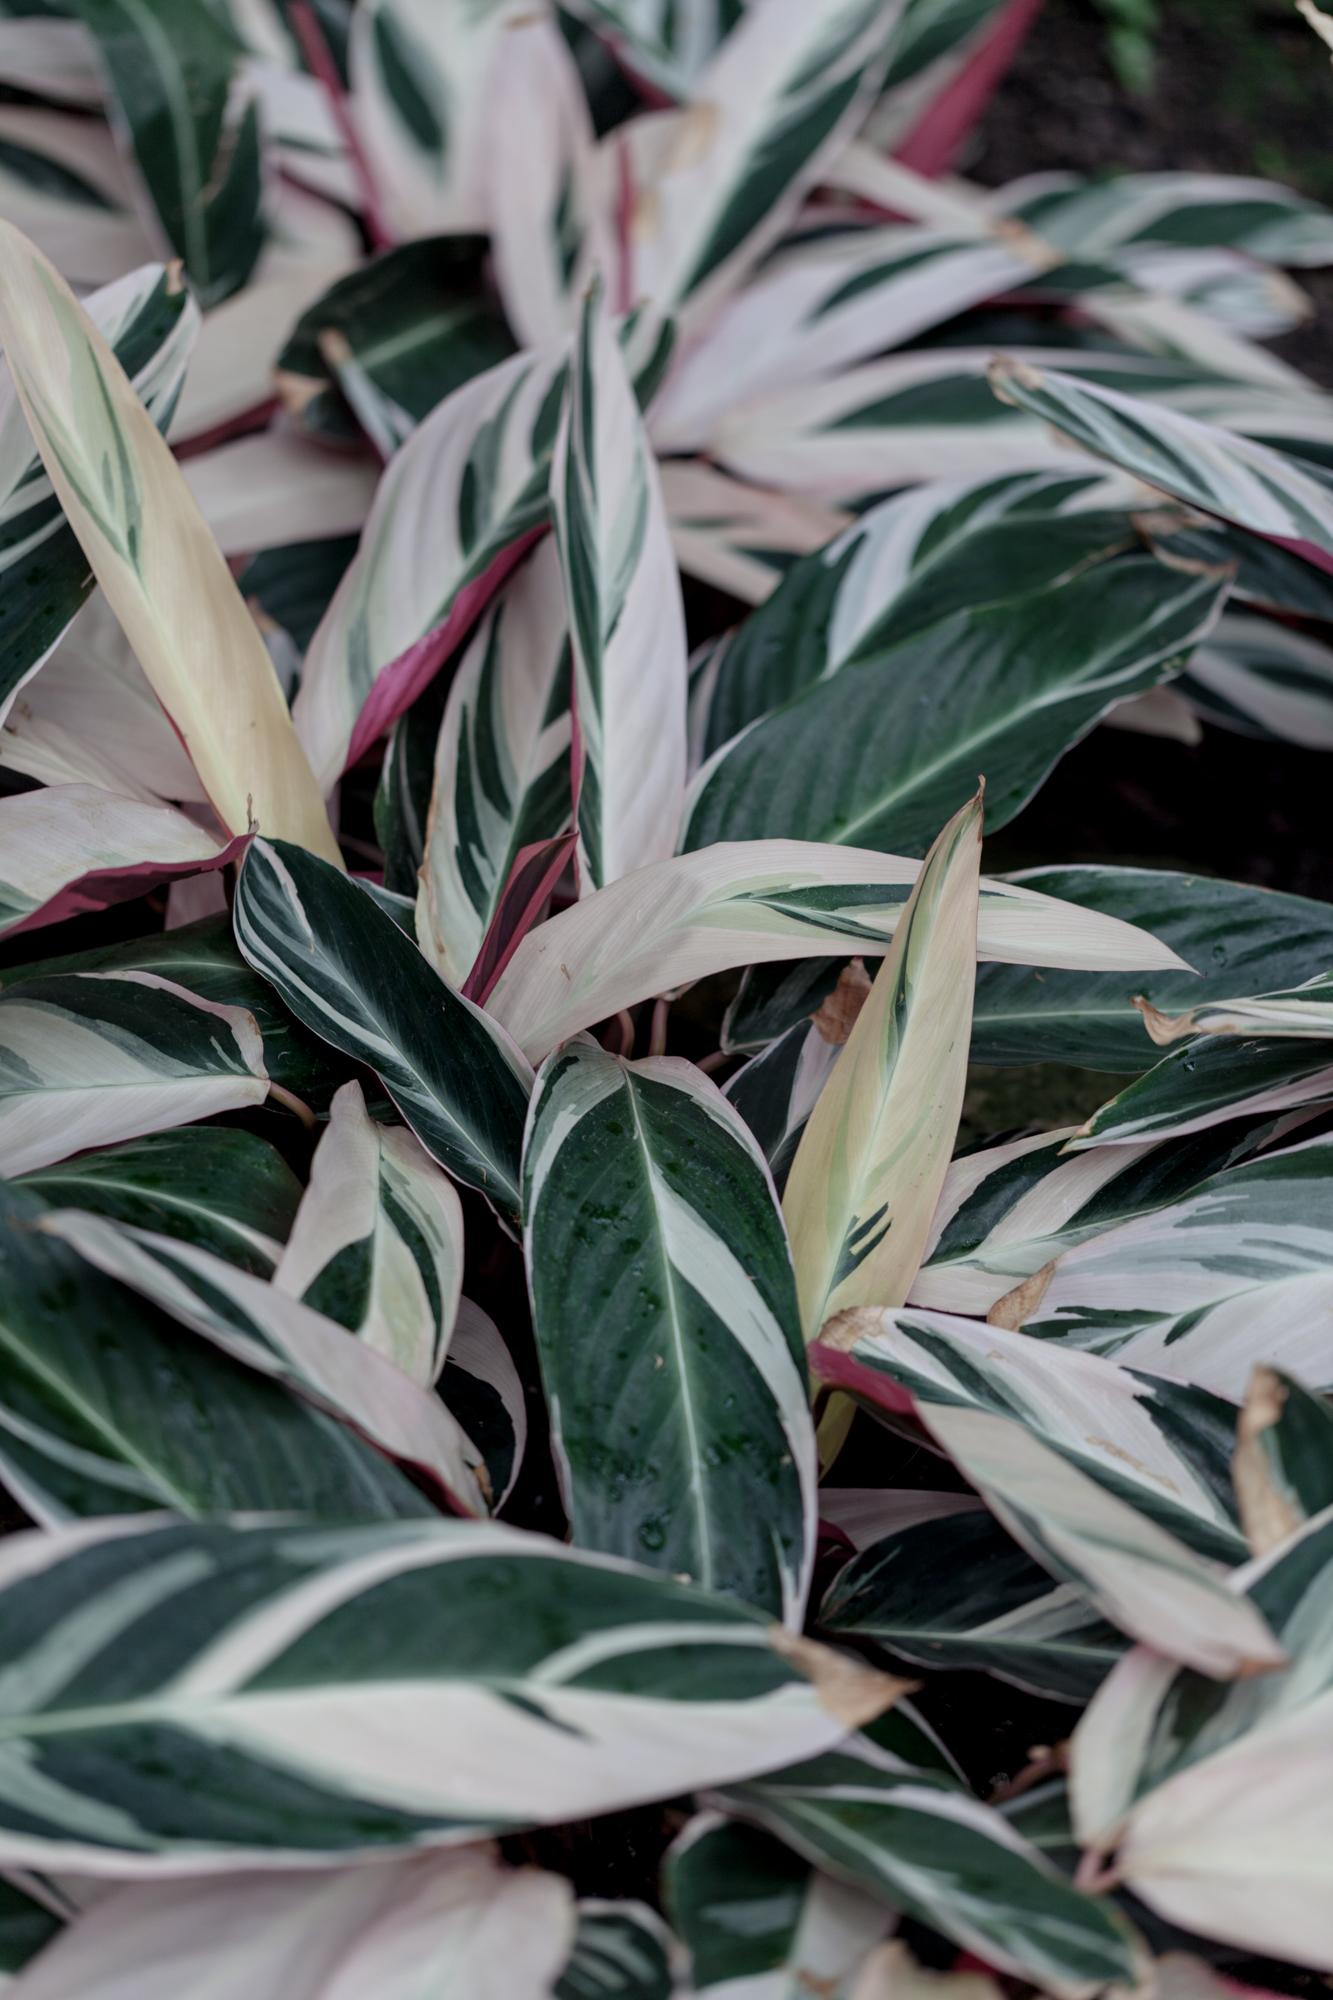 A  Stromanthe stromanthoides  'Triostar', which is one of my favorite prayer plants.